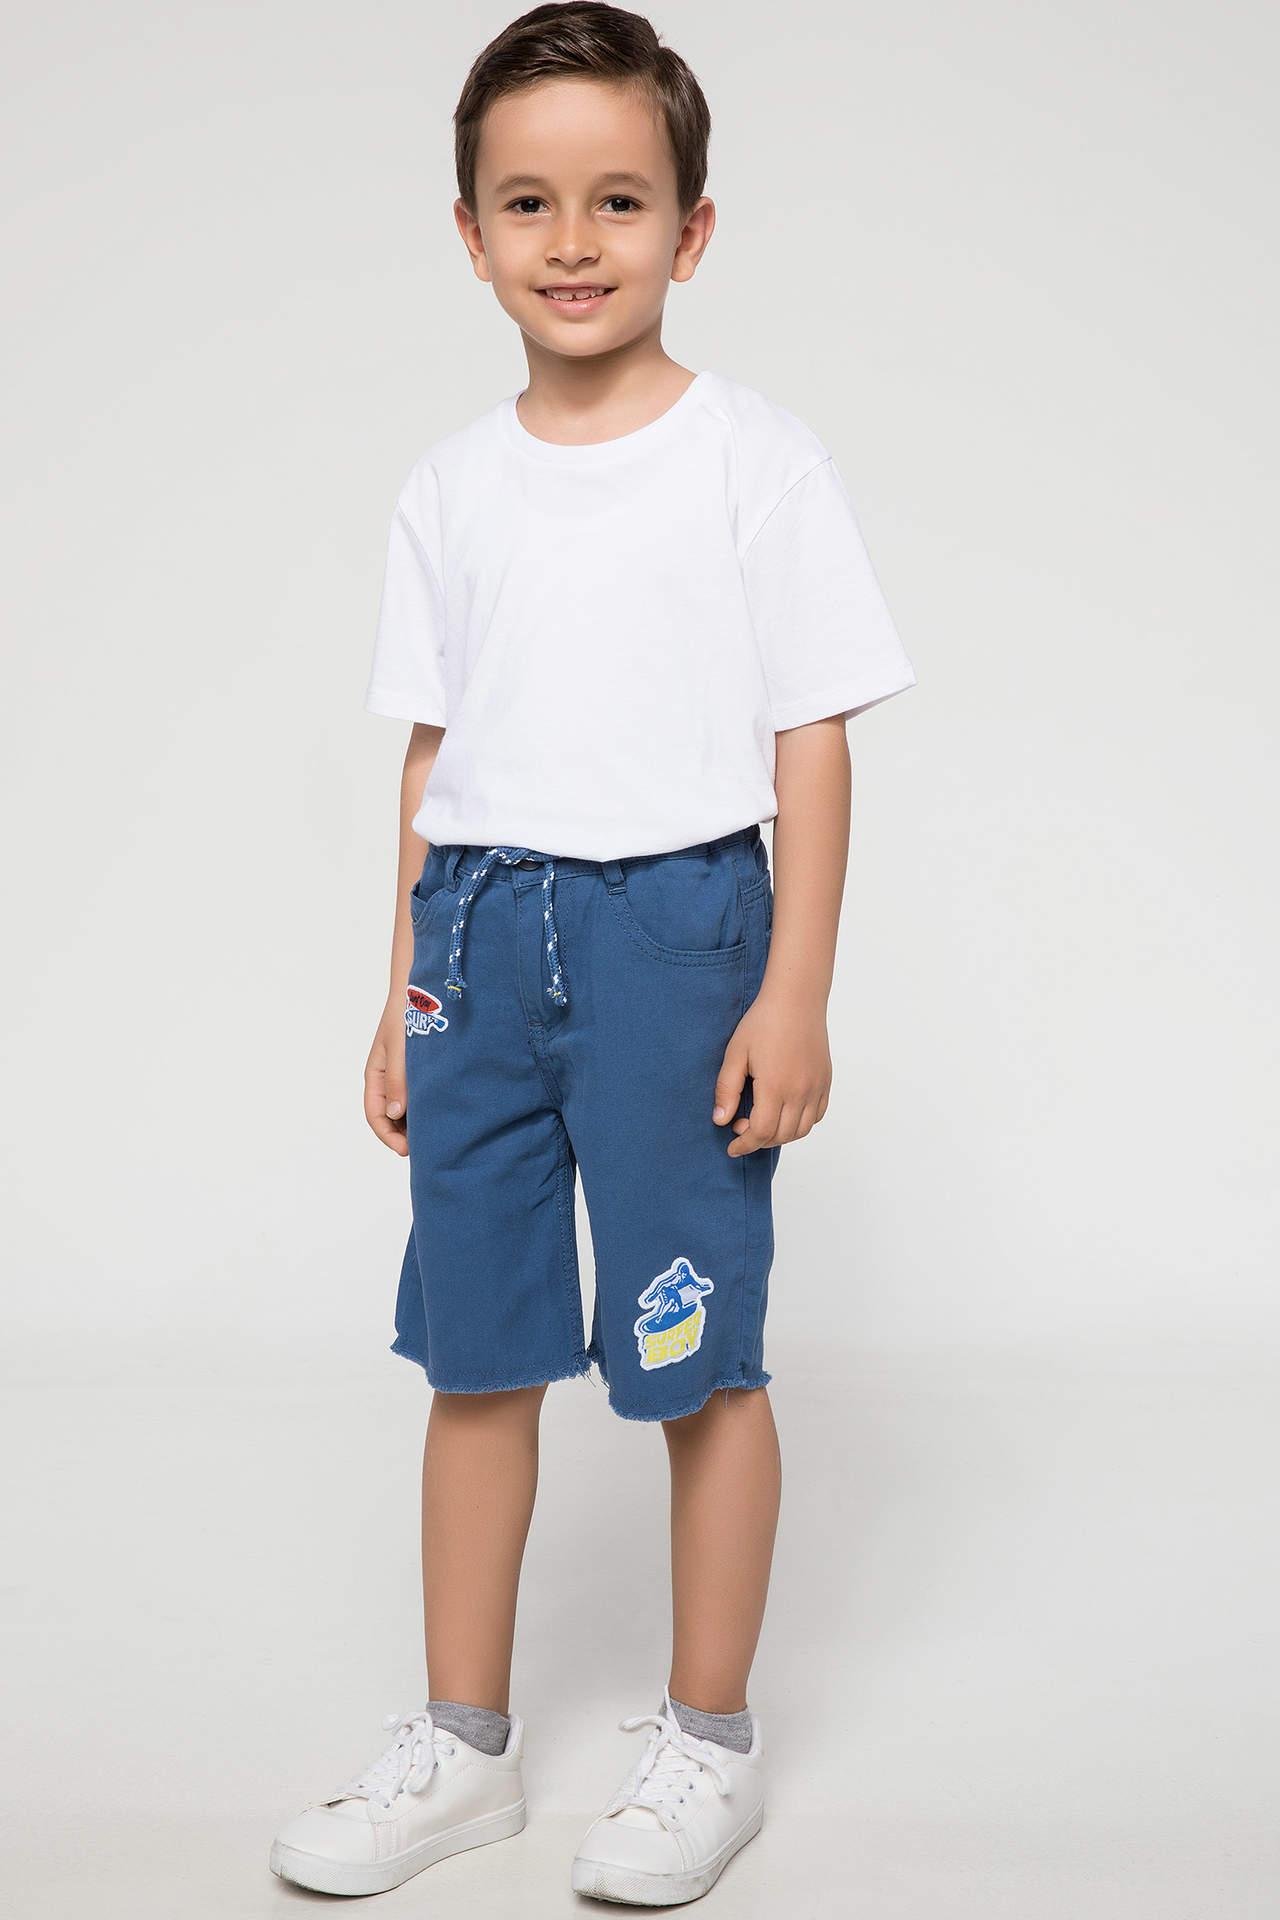 DeFacto Erkek Çocuk Patch Detaylı Bermuda Mavi male